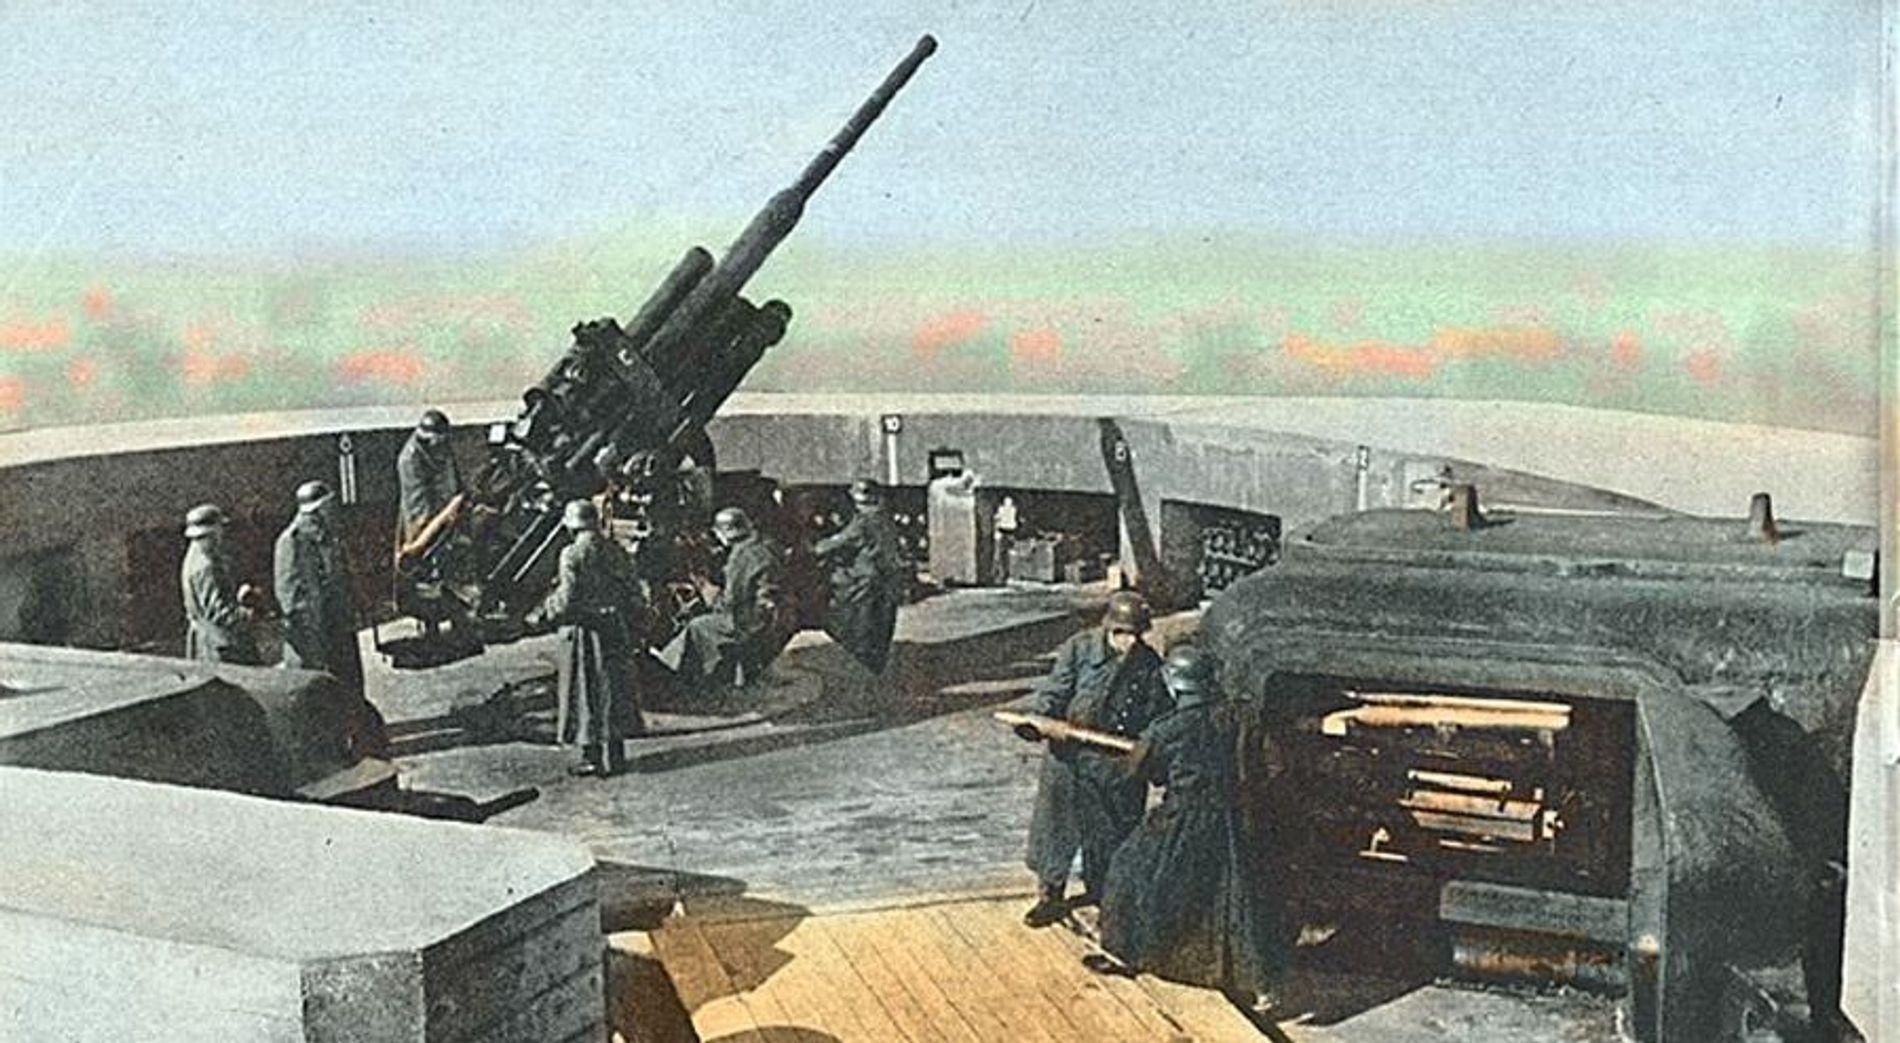 Un Flak 38 de 105 mm y su dotación en la azotea de la torre antiaérea del zoológico de Berlín.